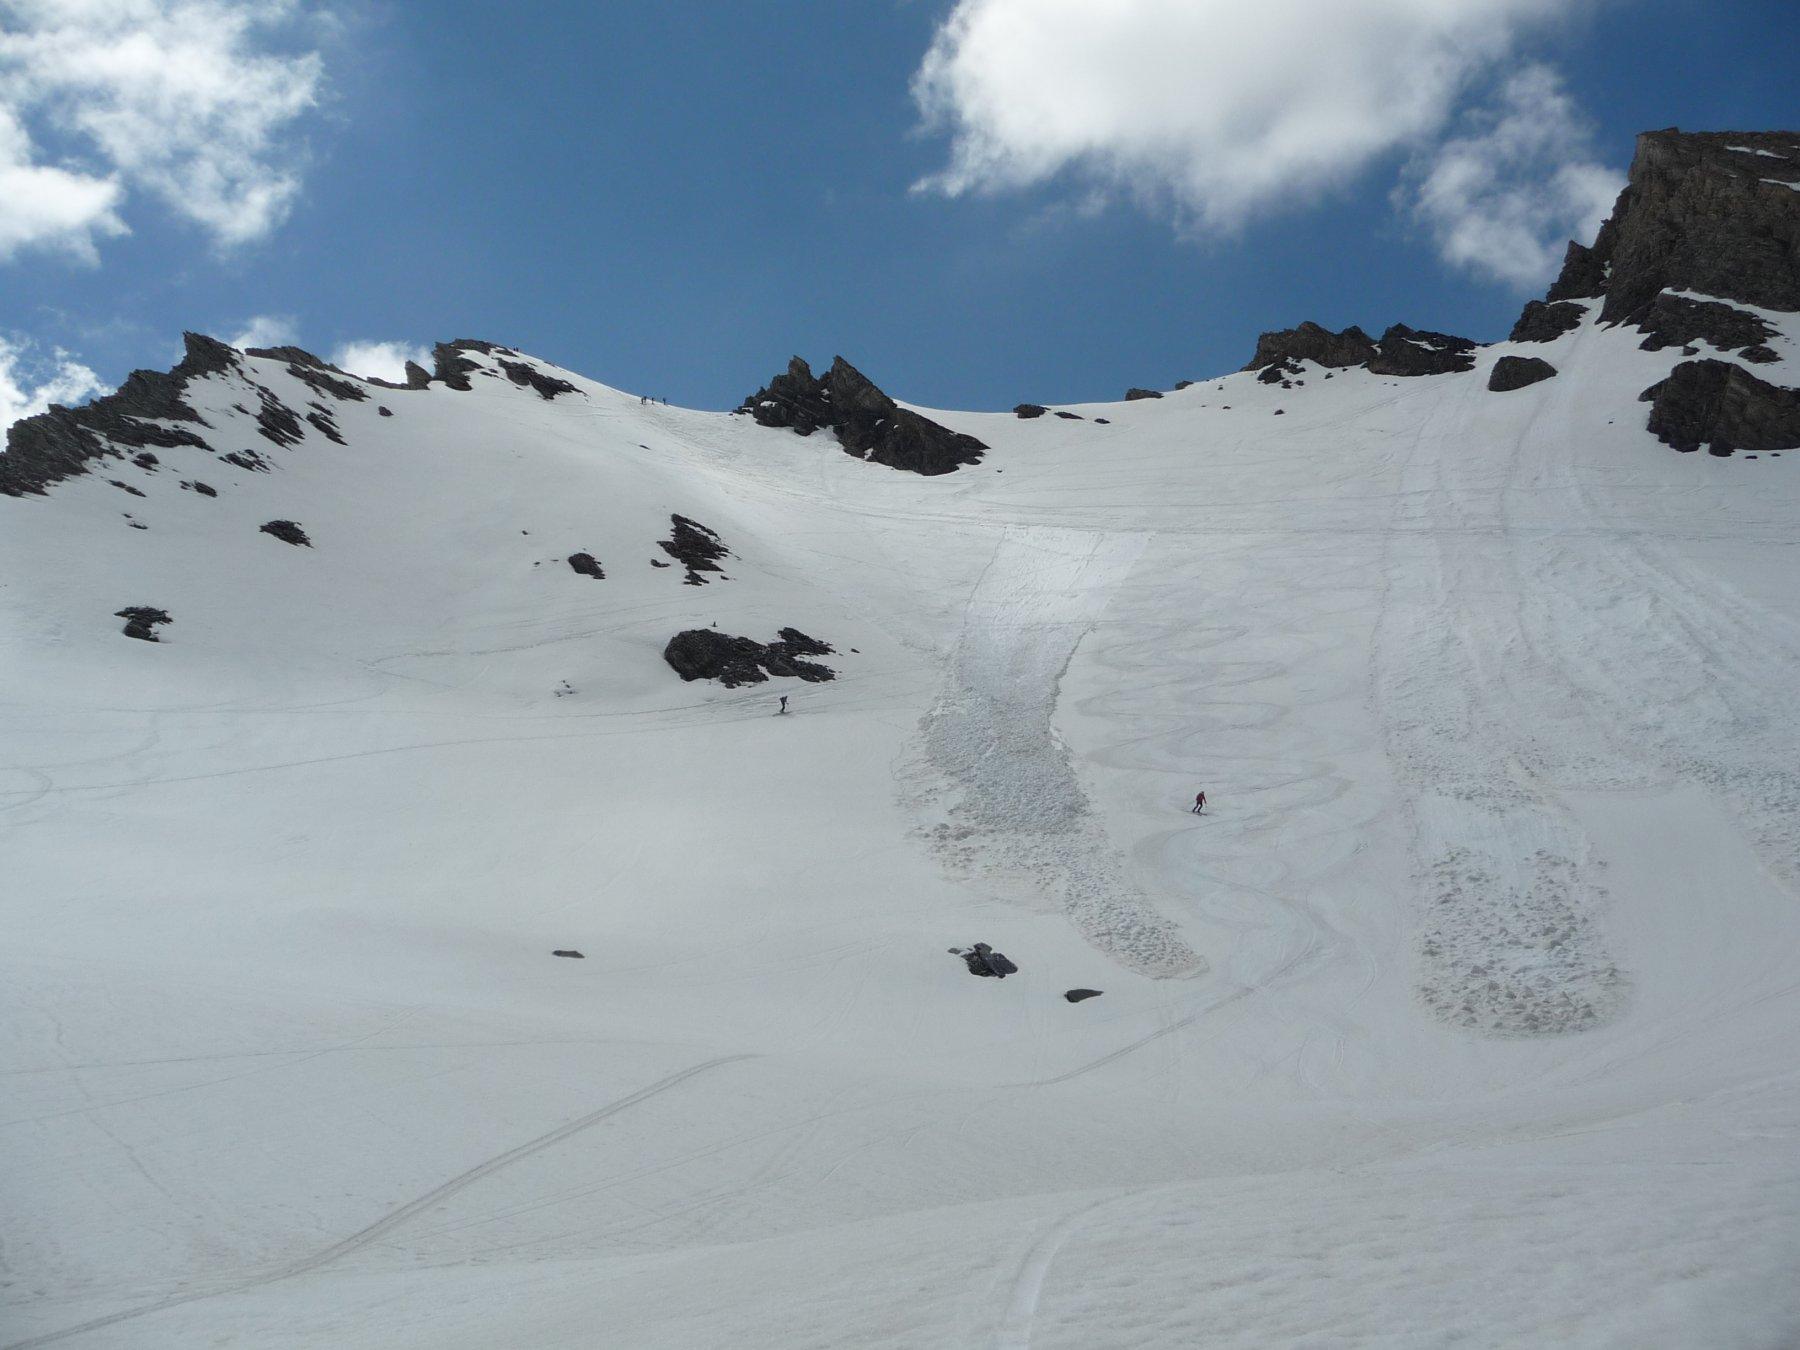 Neve commovente sotto la Rocca Rossa